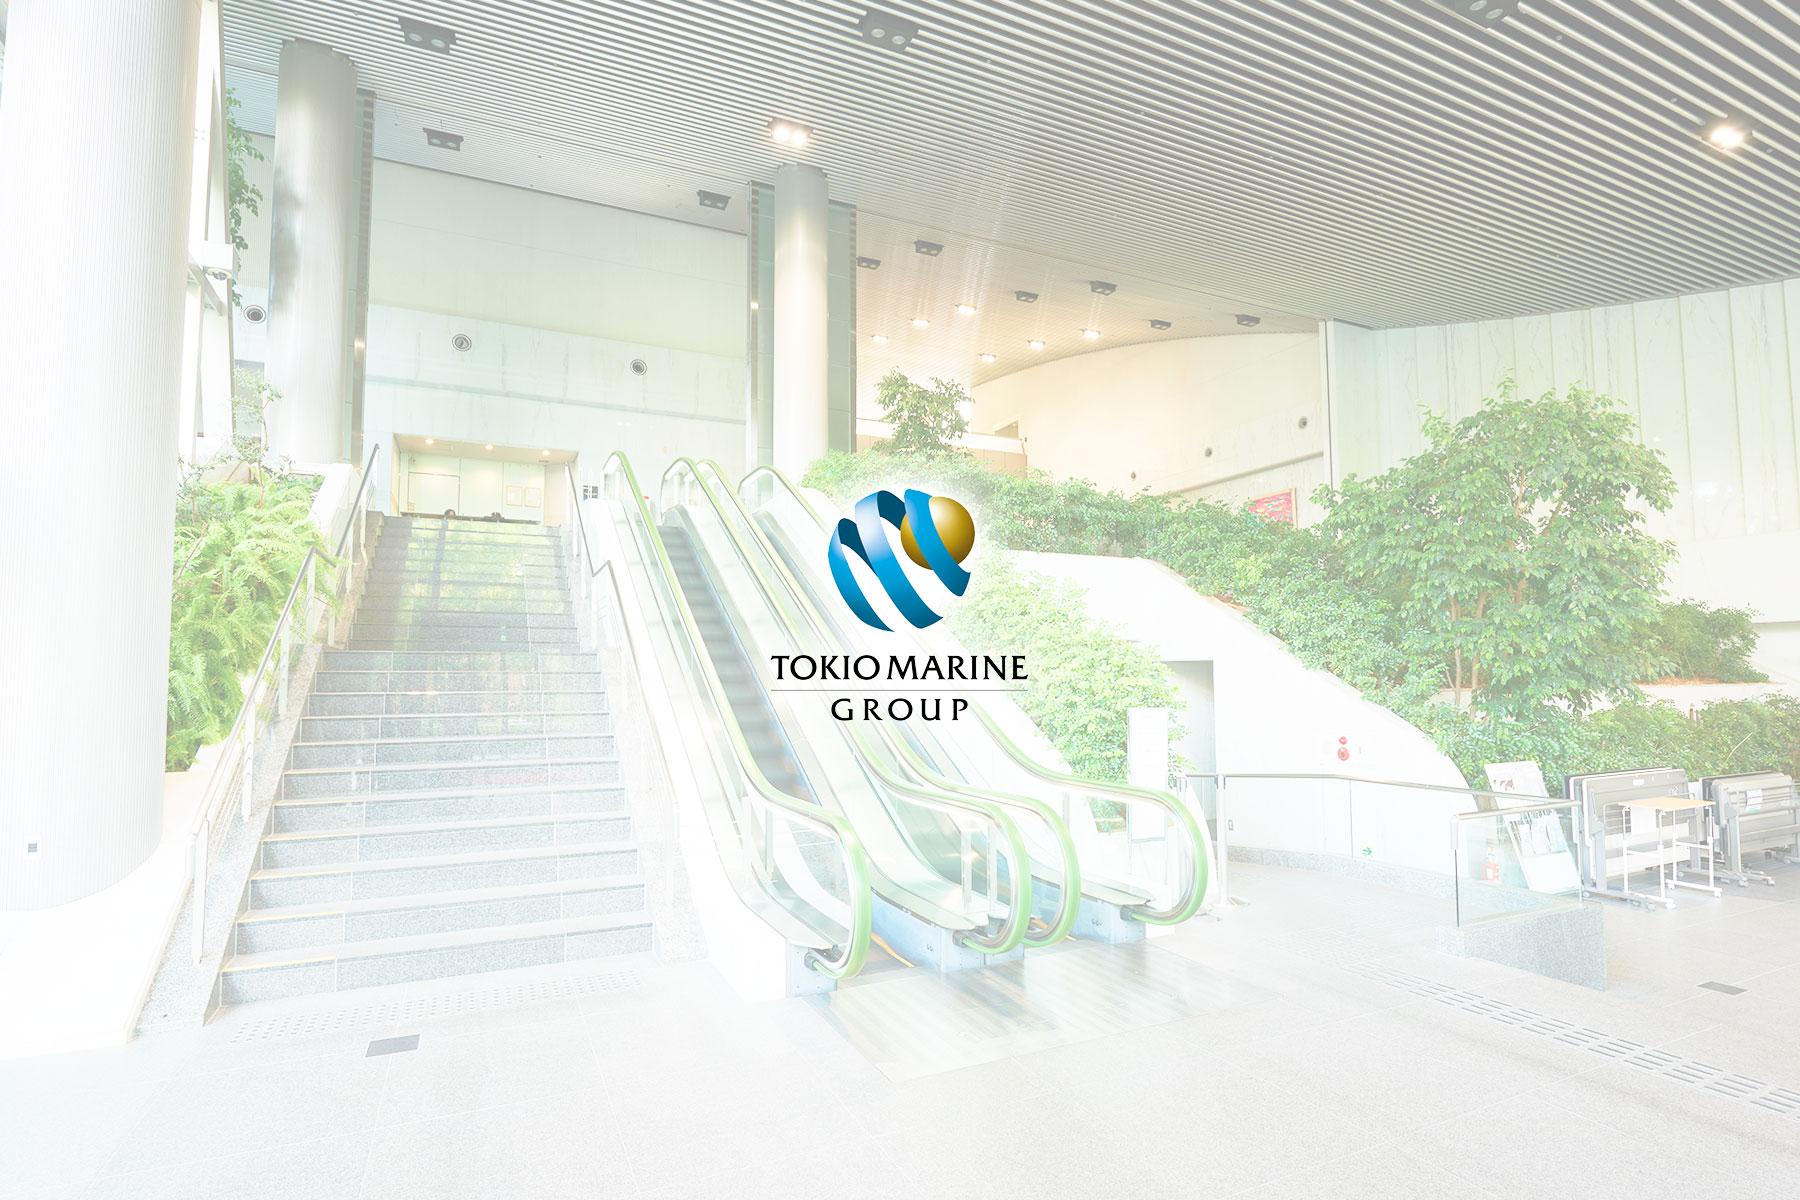 東京海上日動システムズ株式会社のトップ画像